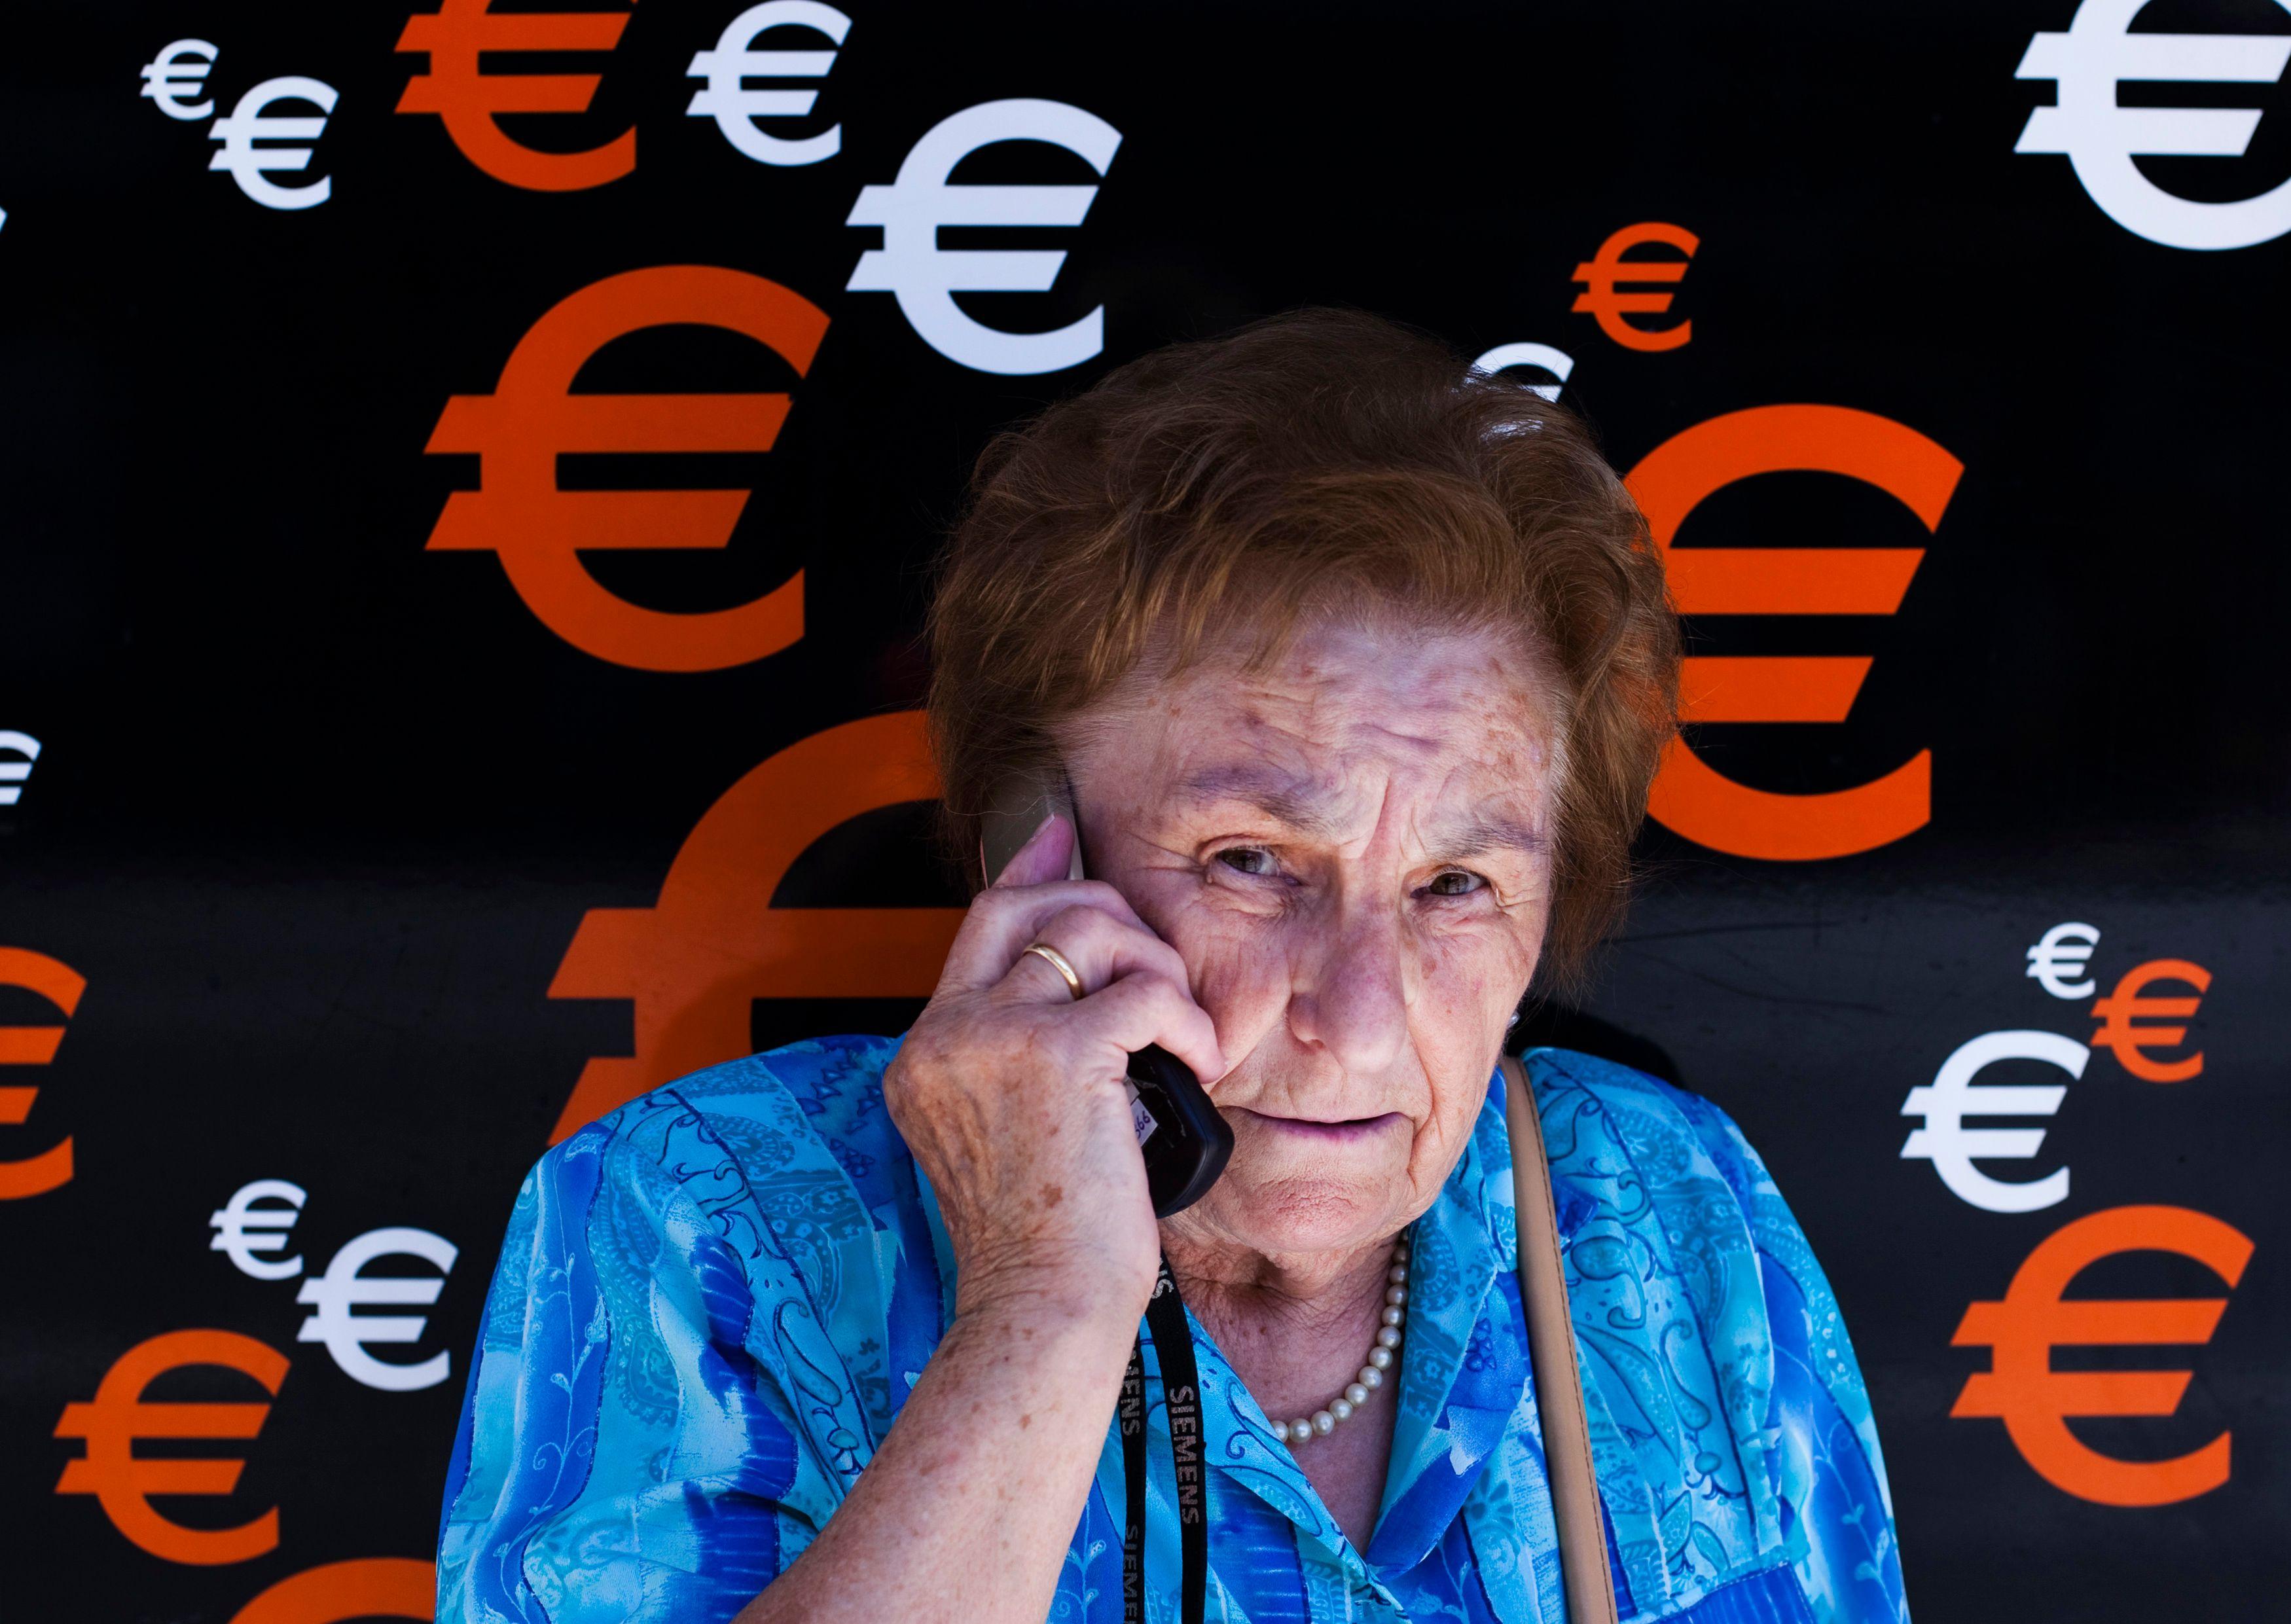 400 milliards de milliards…..La bombe financière des retraites qui nous attend au niveau mondial à horizon 2050